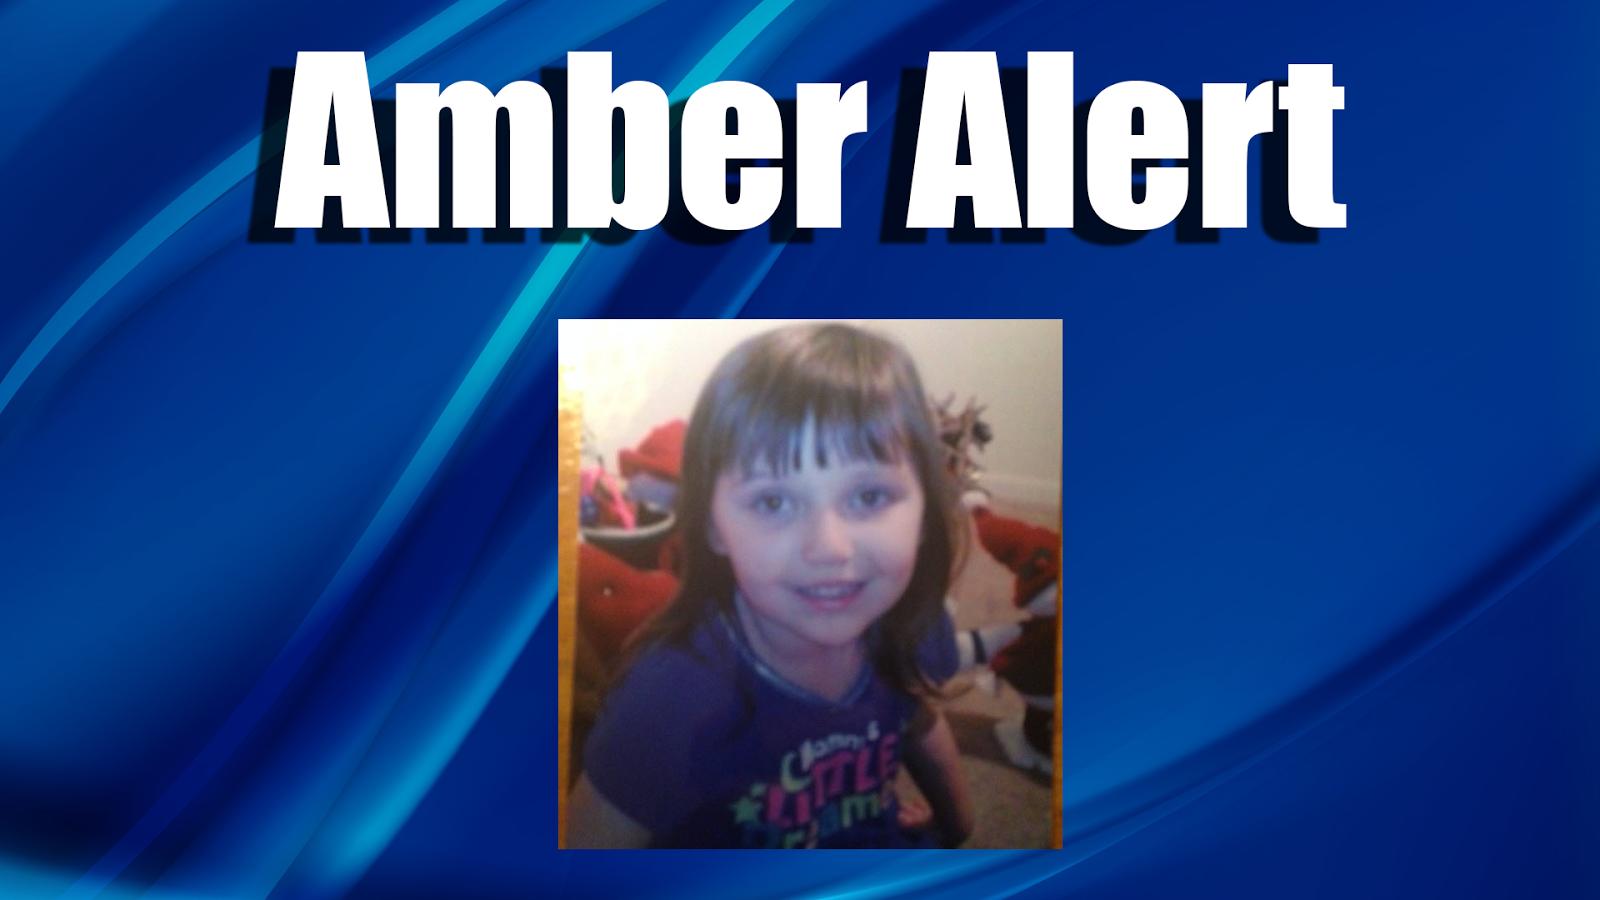 Amber Alert images